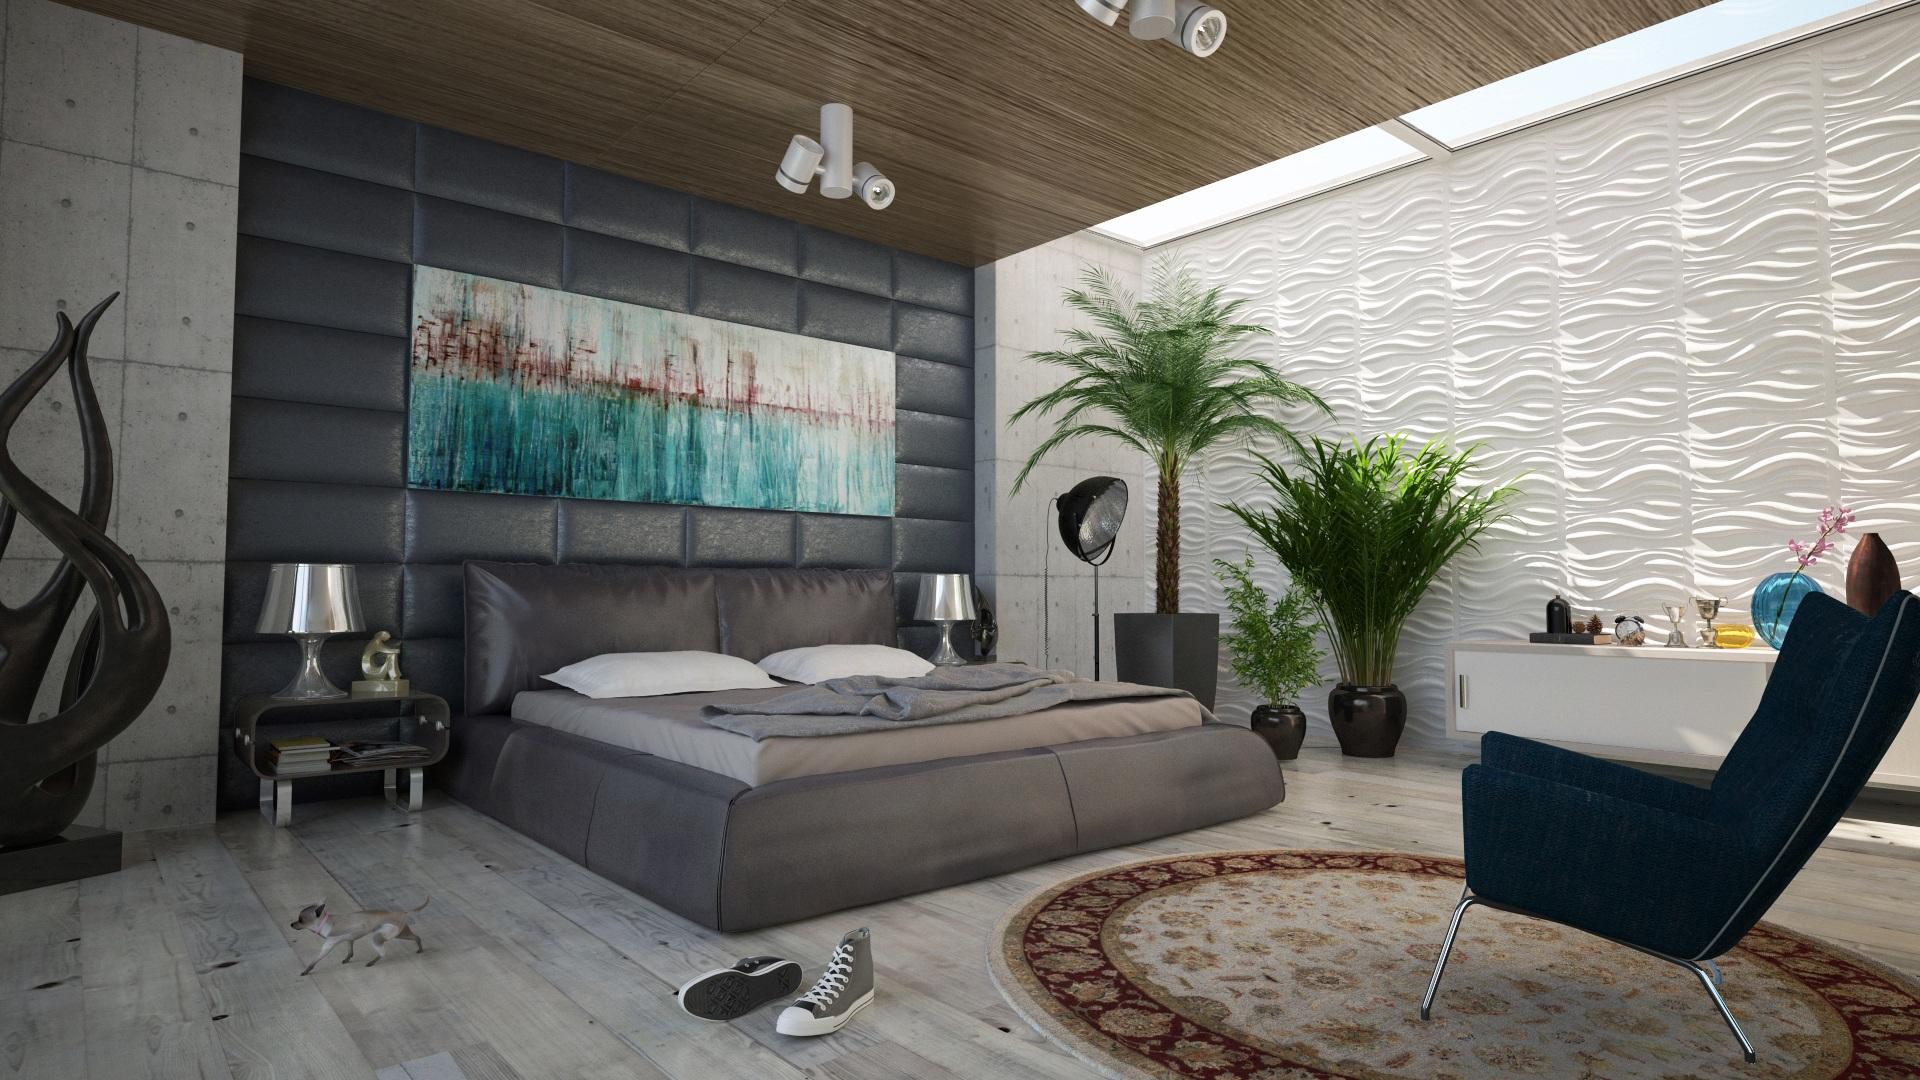 Gambar Lantai Rumah Dinding Dekorasi Loteng Milik Ruang